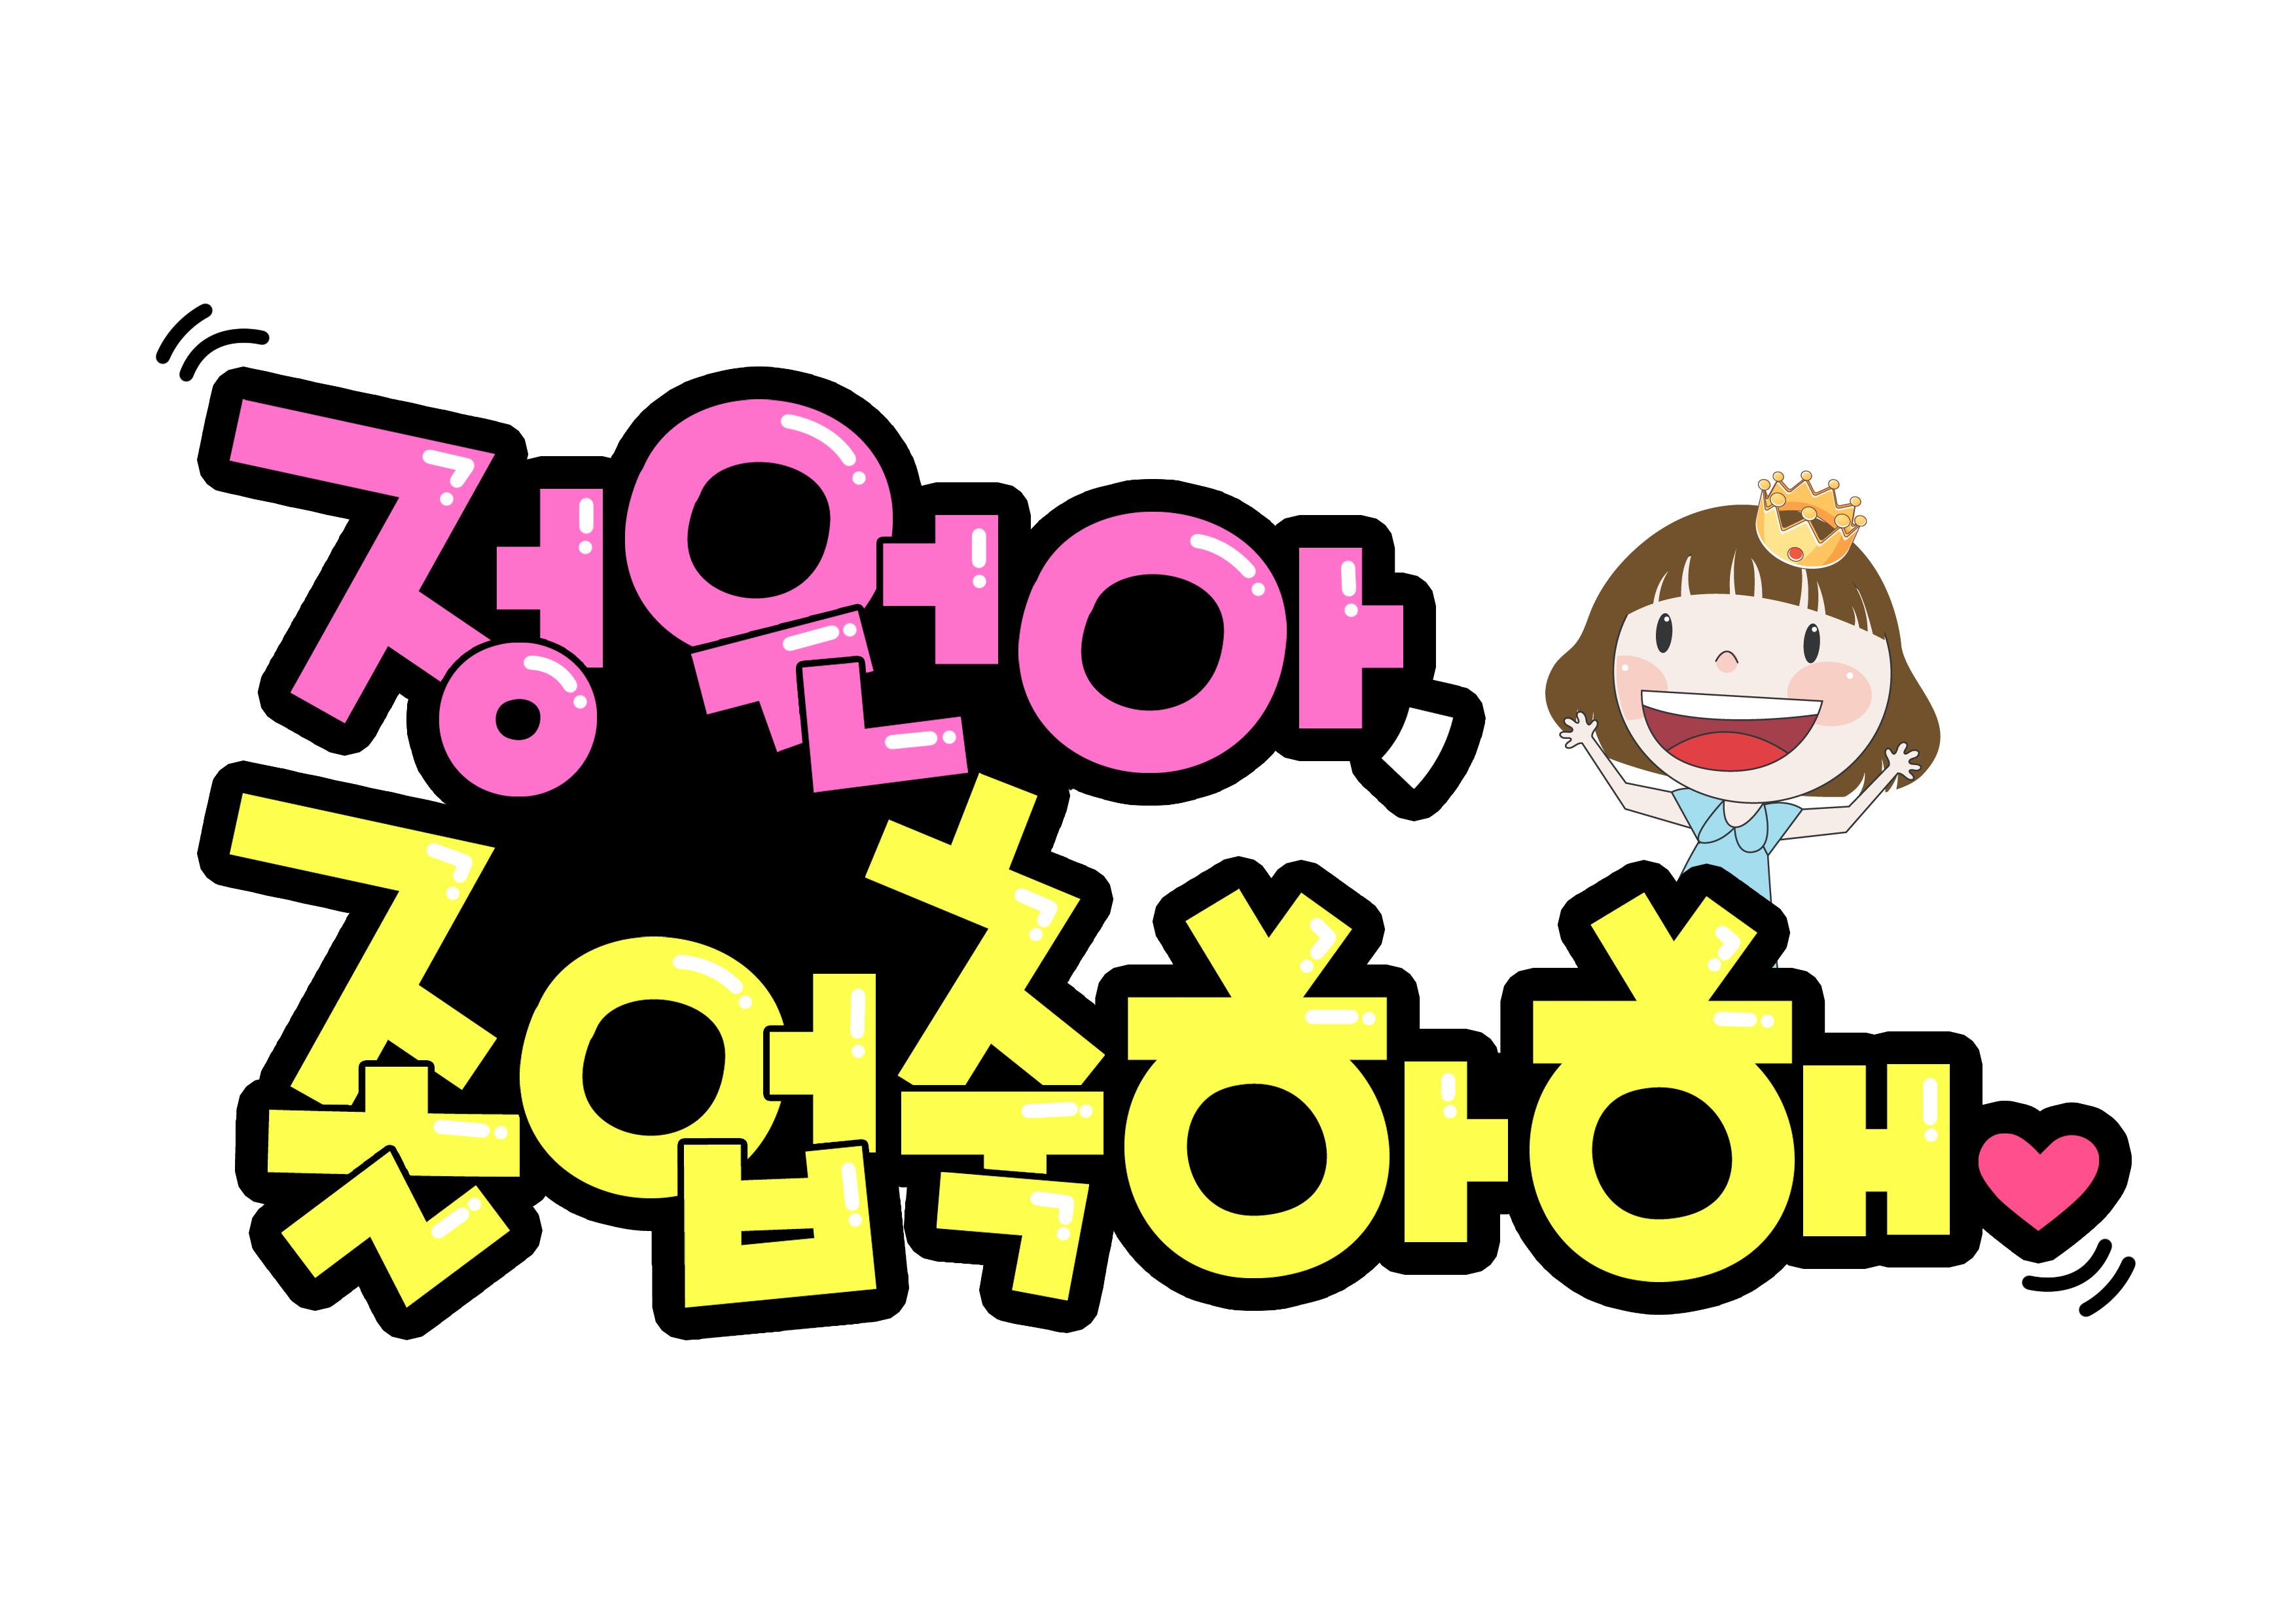 정원아, 졸업축하해♡(학교, 졸업)